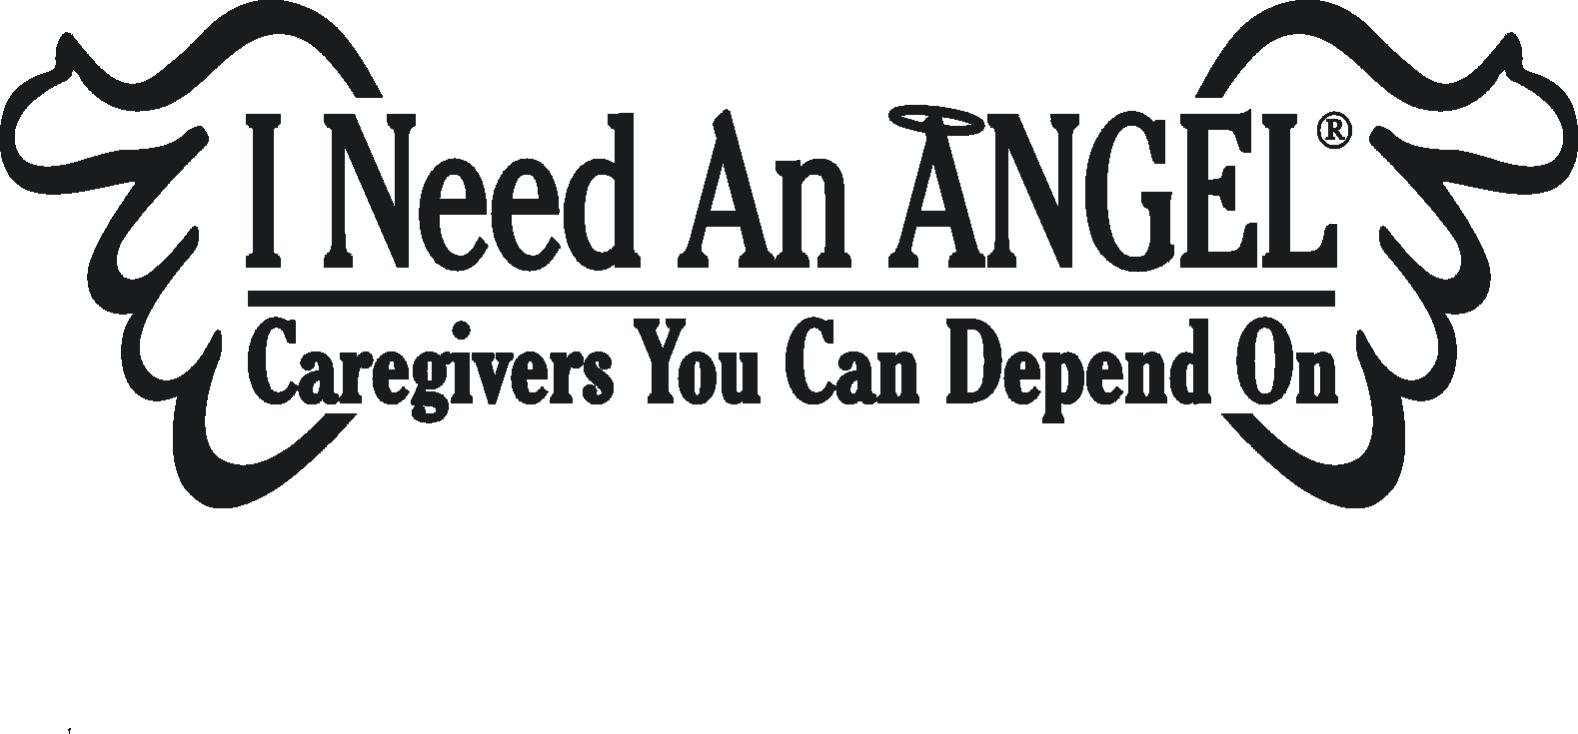 I Need An Angel, Inc.